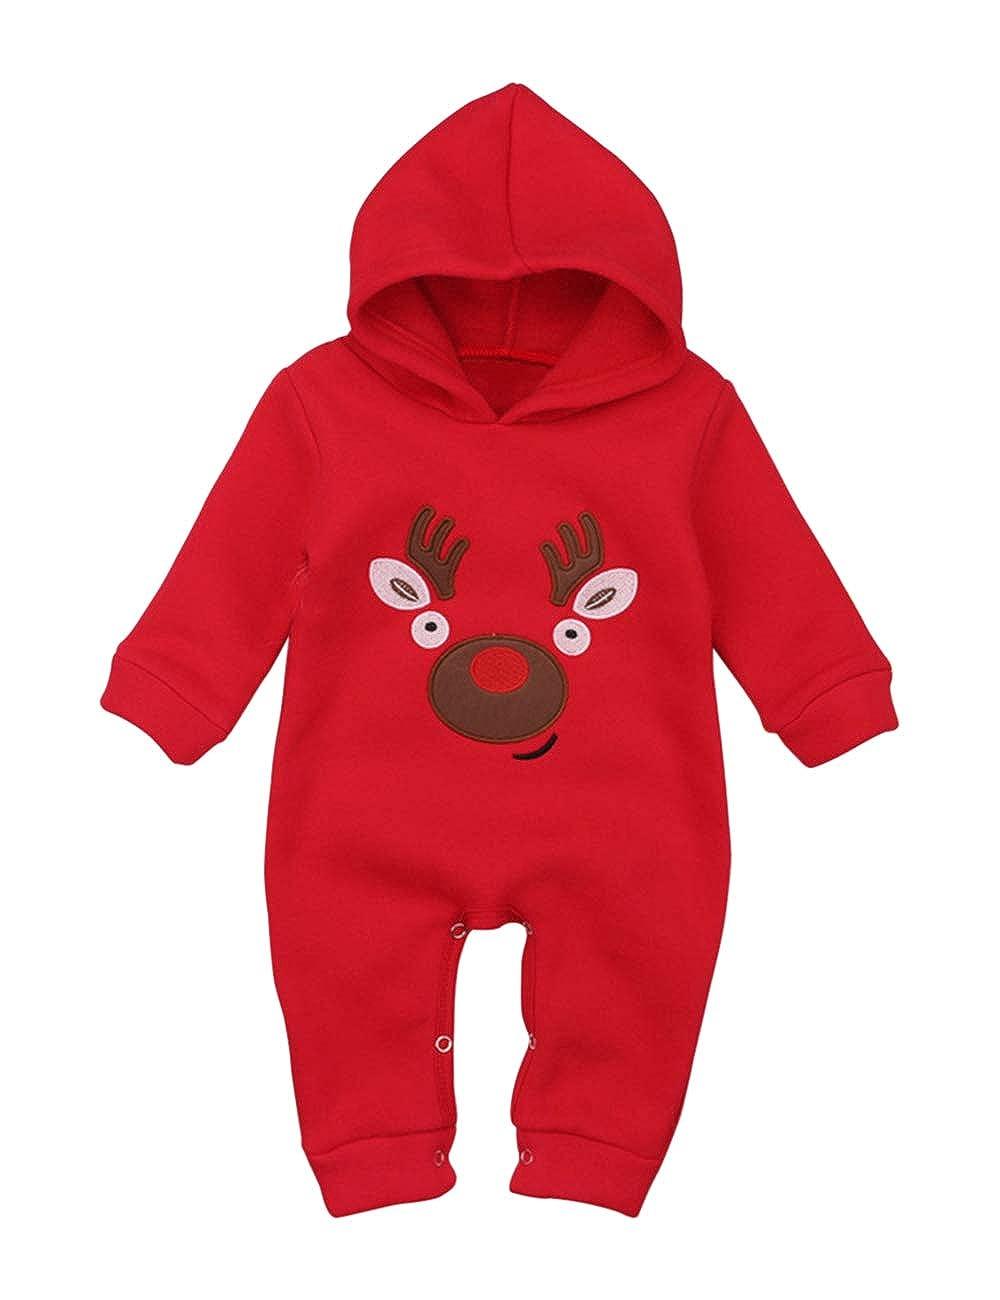 BESBOMIG Neonato Pagliaccetto Bambino Capi di Abbigliamento Cappuccio Giacca Cappotto - Traspirante Natale Jumpsuit Unisex Caldo Outfits